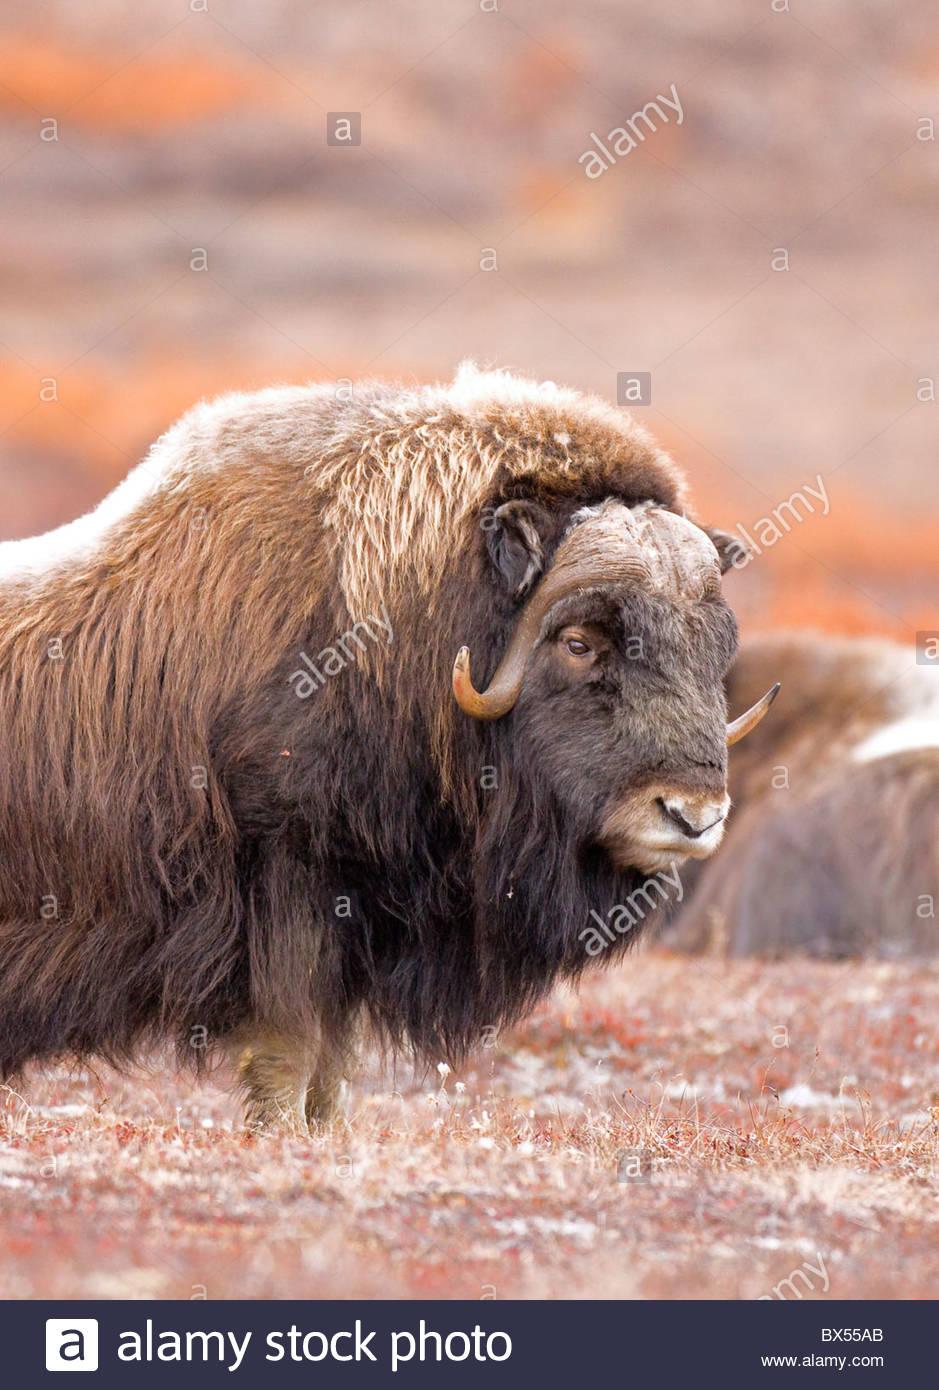 L'Alaska. Ritratto di un toro Muskox (Ovibos moschatus) sulla protezione per gli altri tori e allevamento predatori Immagini Stock